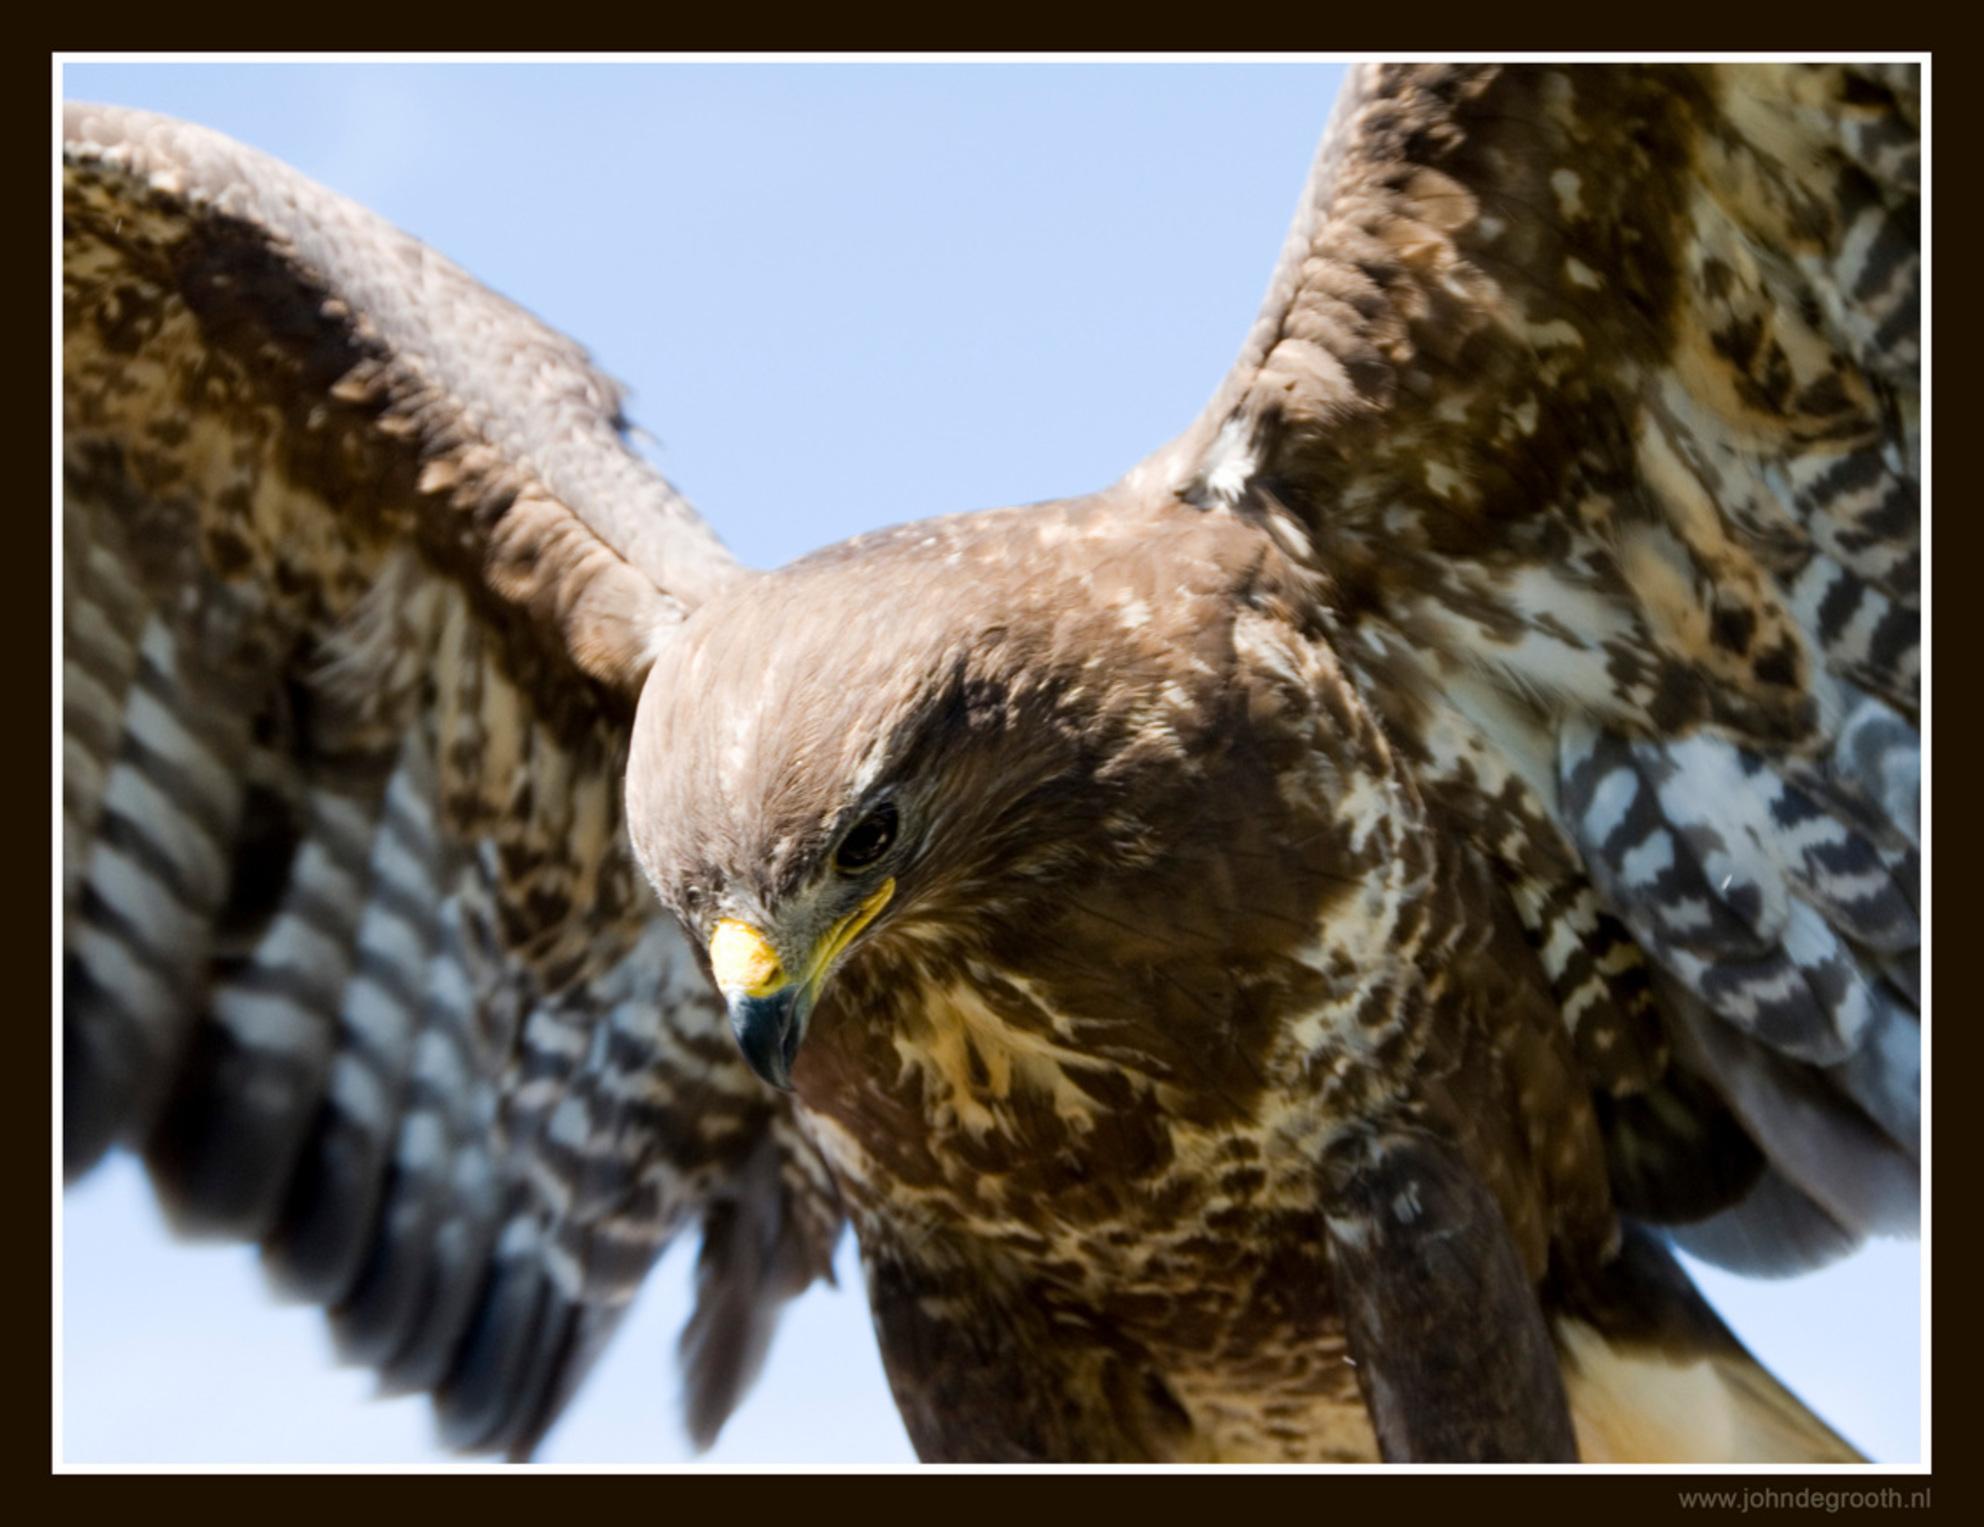 Laagvlieger - Buizerd die net opstijgt. - foto door johndegrooth op 22-06-2009 - deze foto bevat: portret, vogel, buizerd, nikon, d200, John de Grooth - Deze foto mag gebruikt worden in een Zoom.nl publicatie